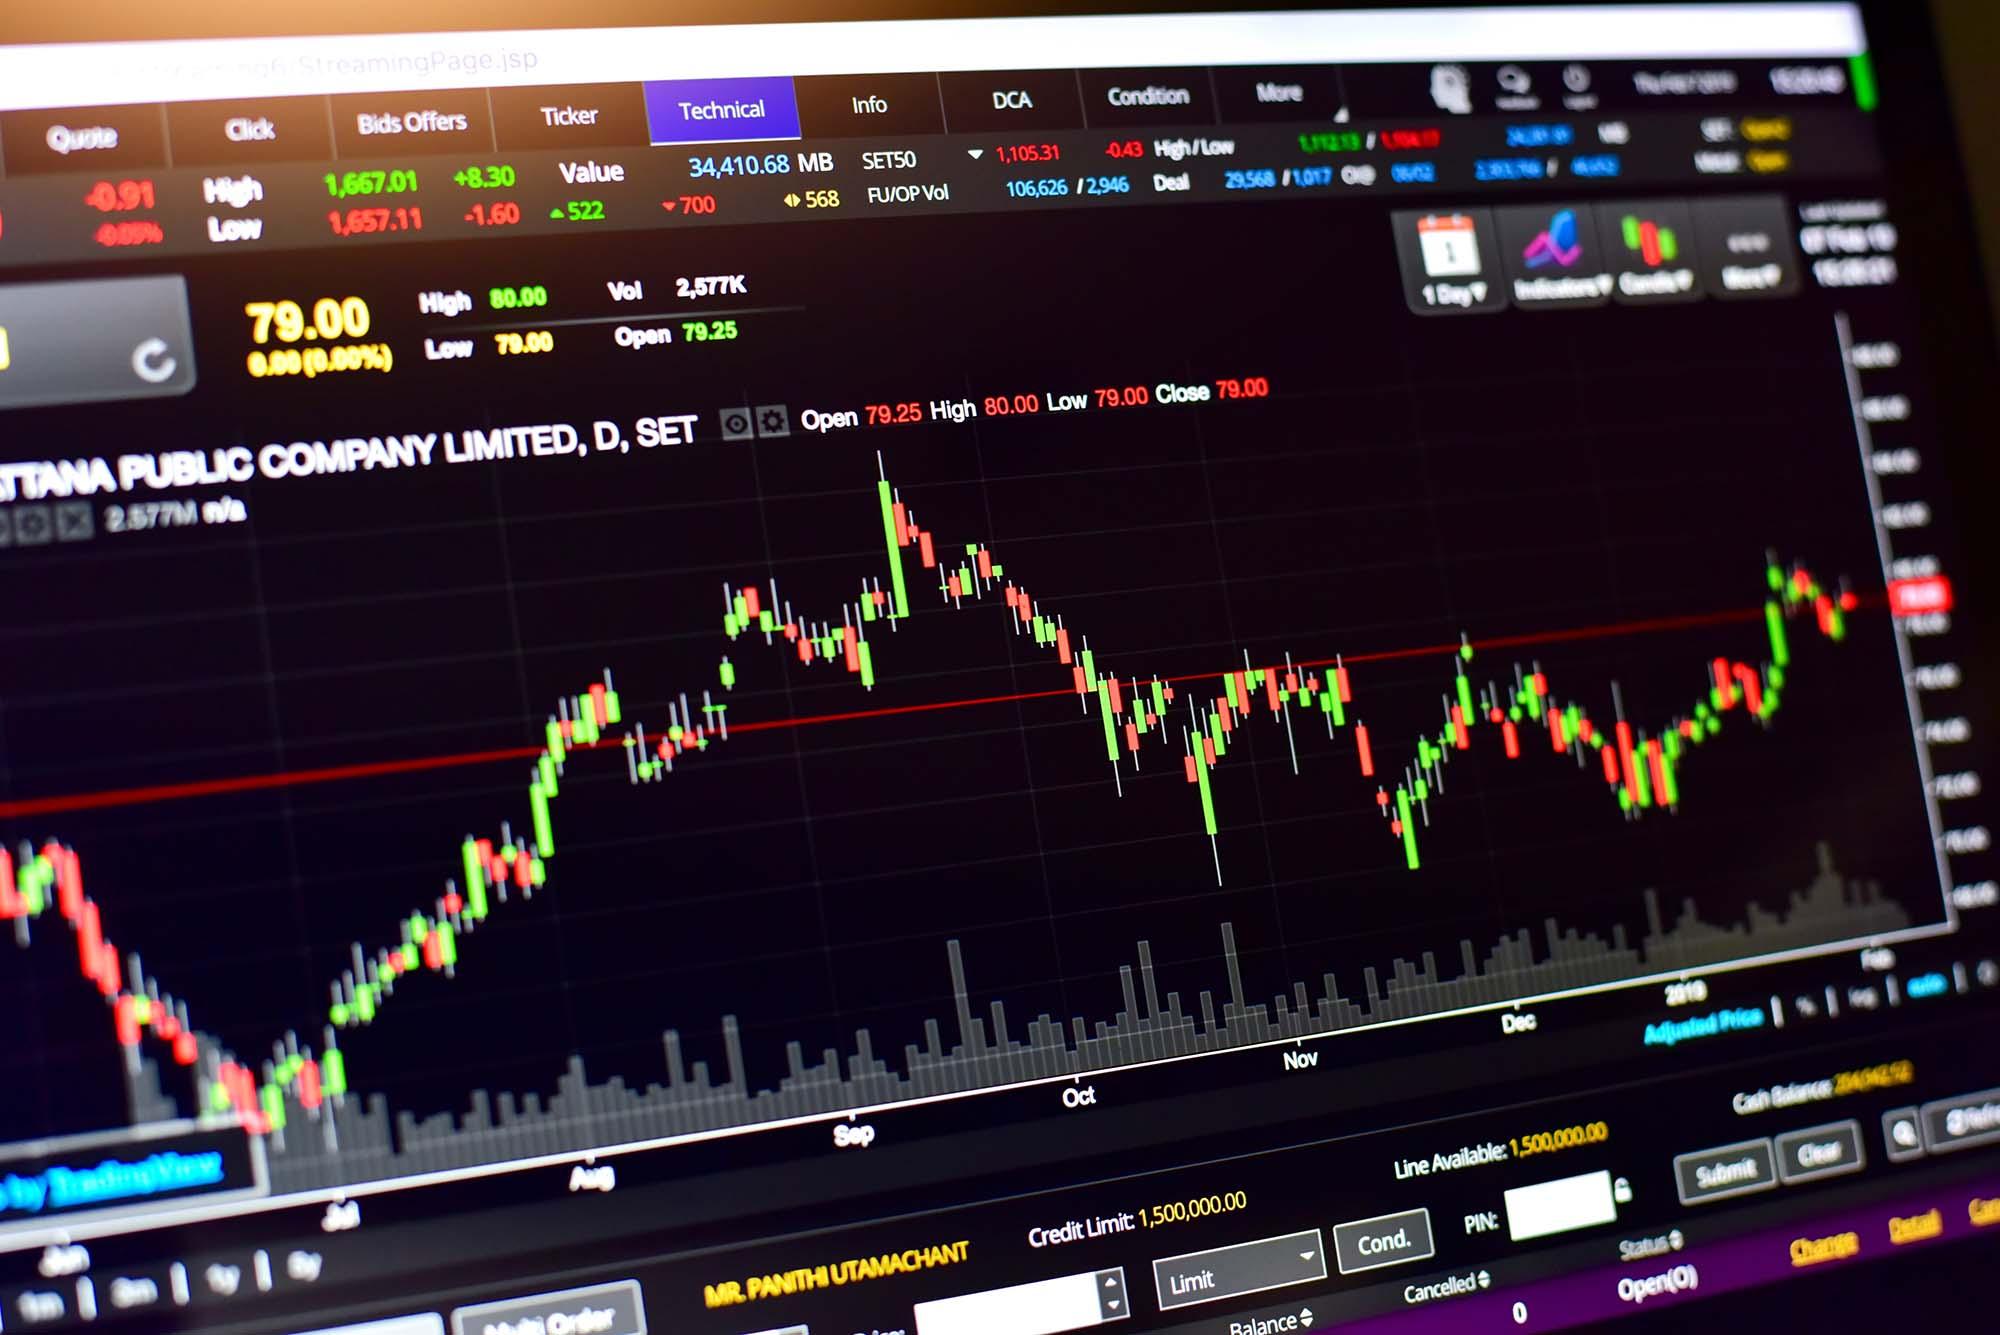 möglichkeiten geld zu verdienen 2021 cfd trading indikatoren